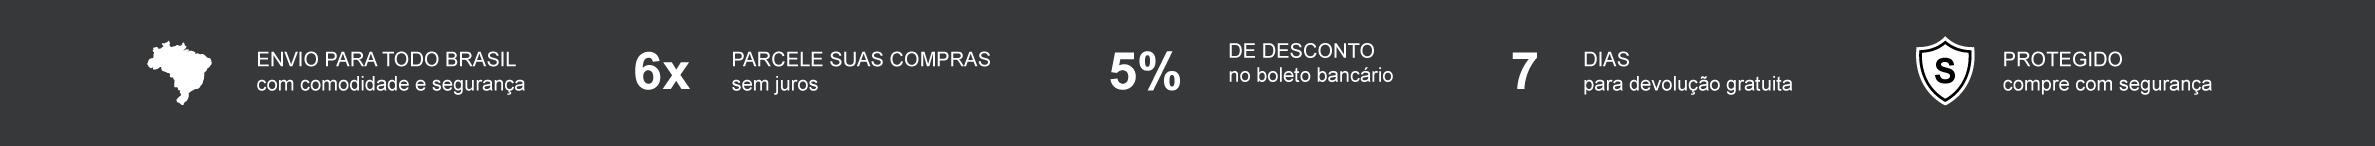 Baner 6x desconto 5% 31-10-2020